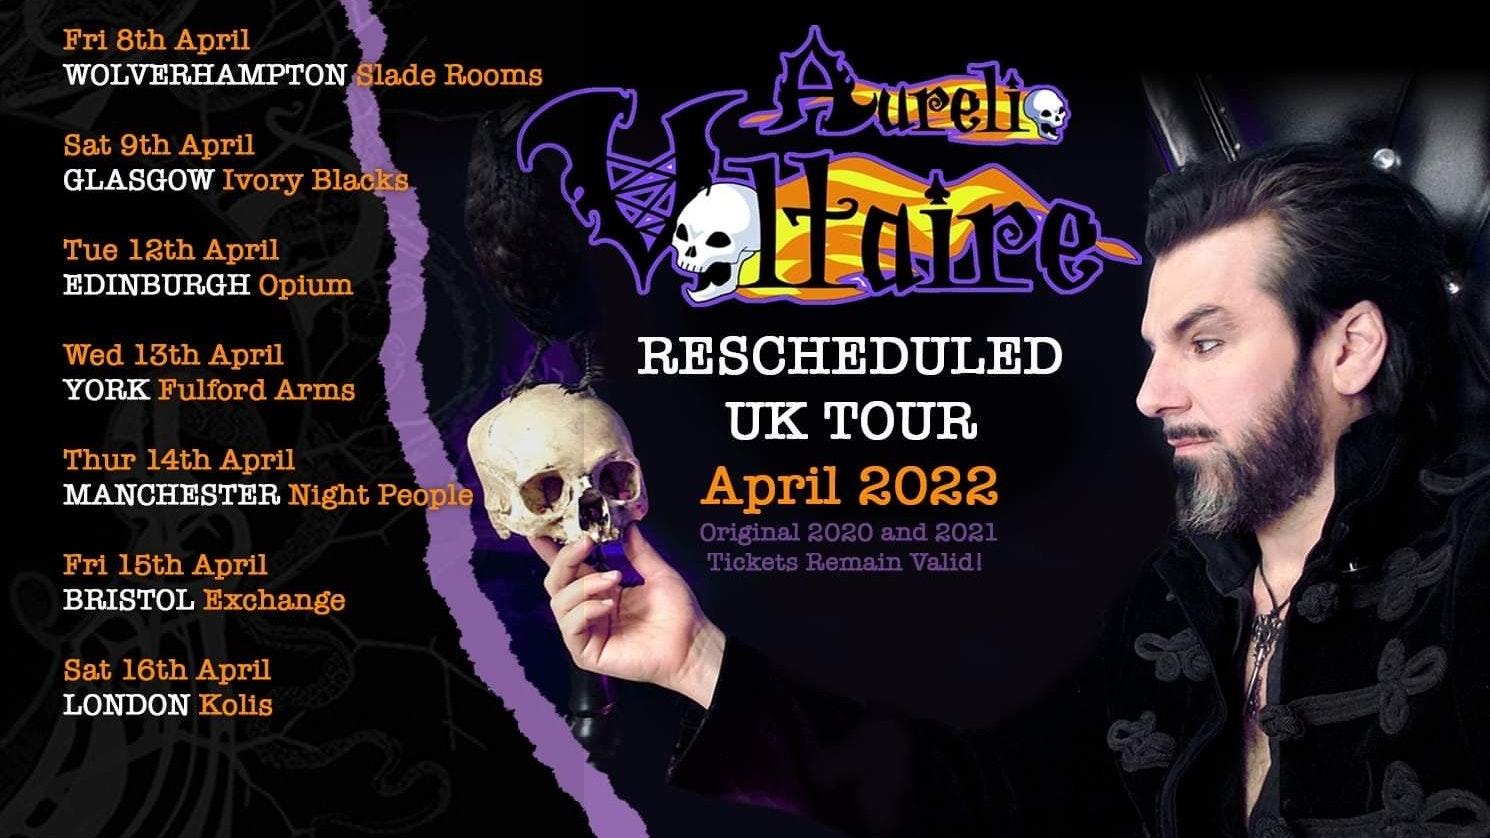 Aurelio Voltaire UK 2022 TOUR – Wolverhampton